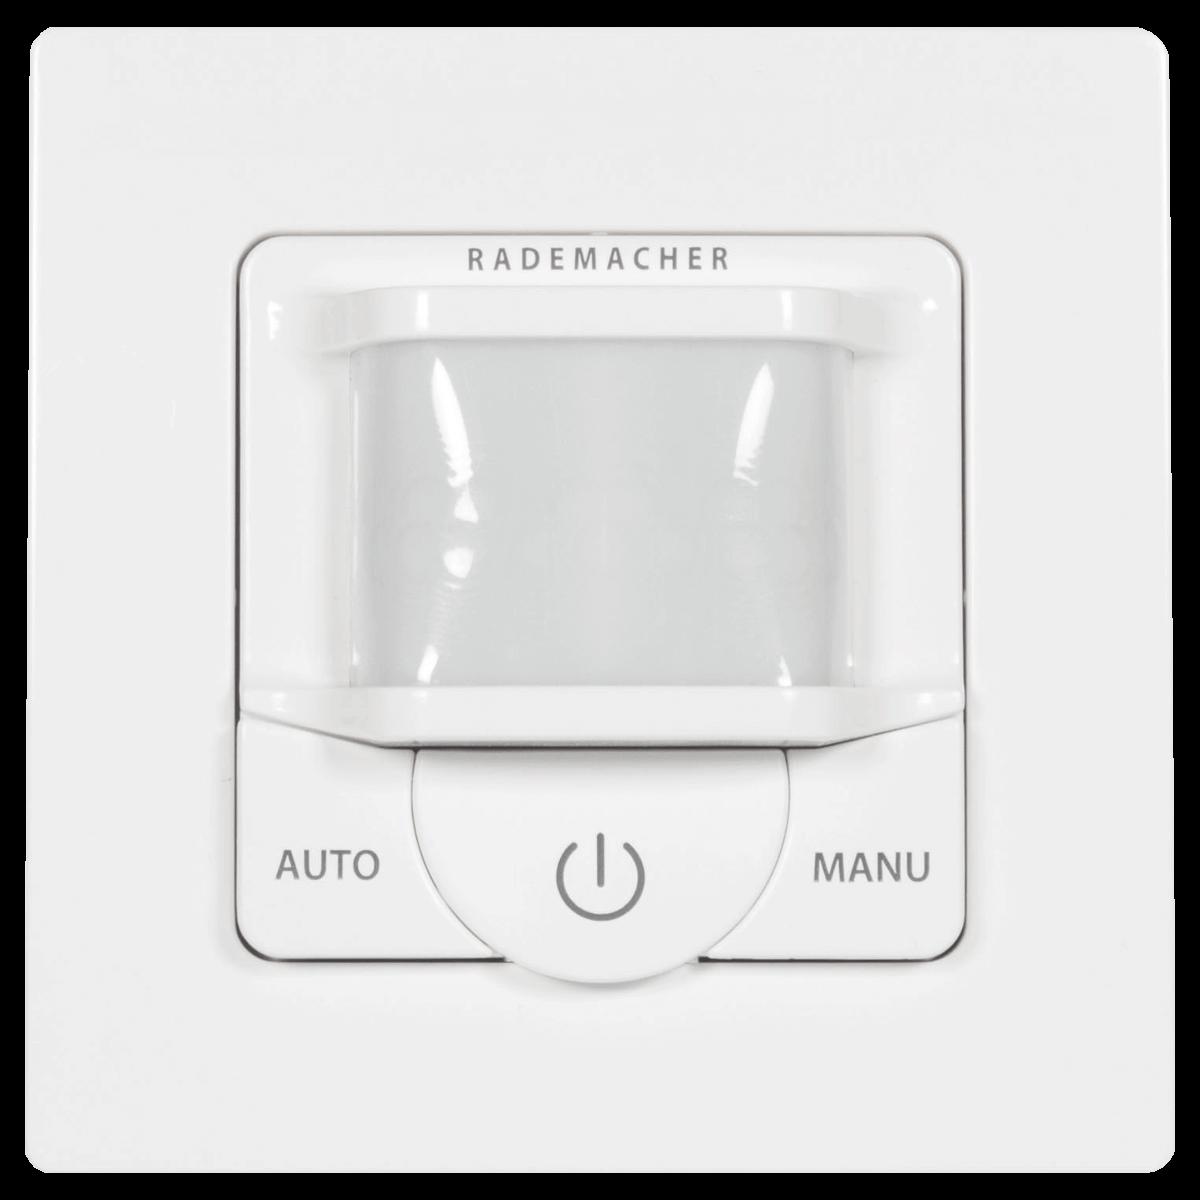 rademacher duofern bewegungsmelder homepilot kompatibel | smart home